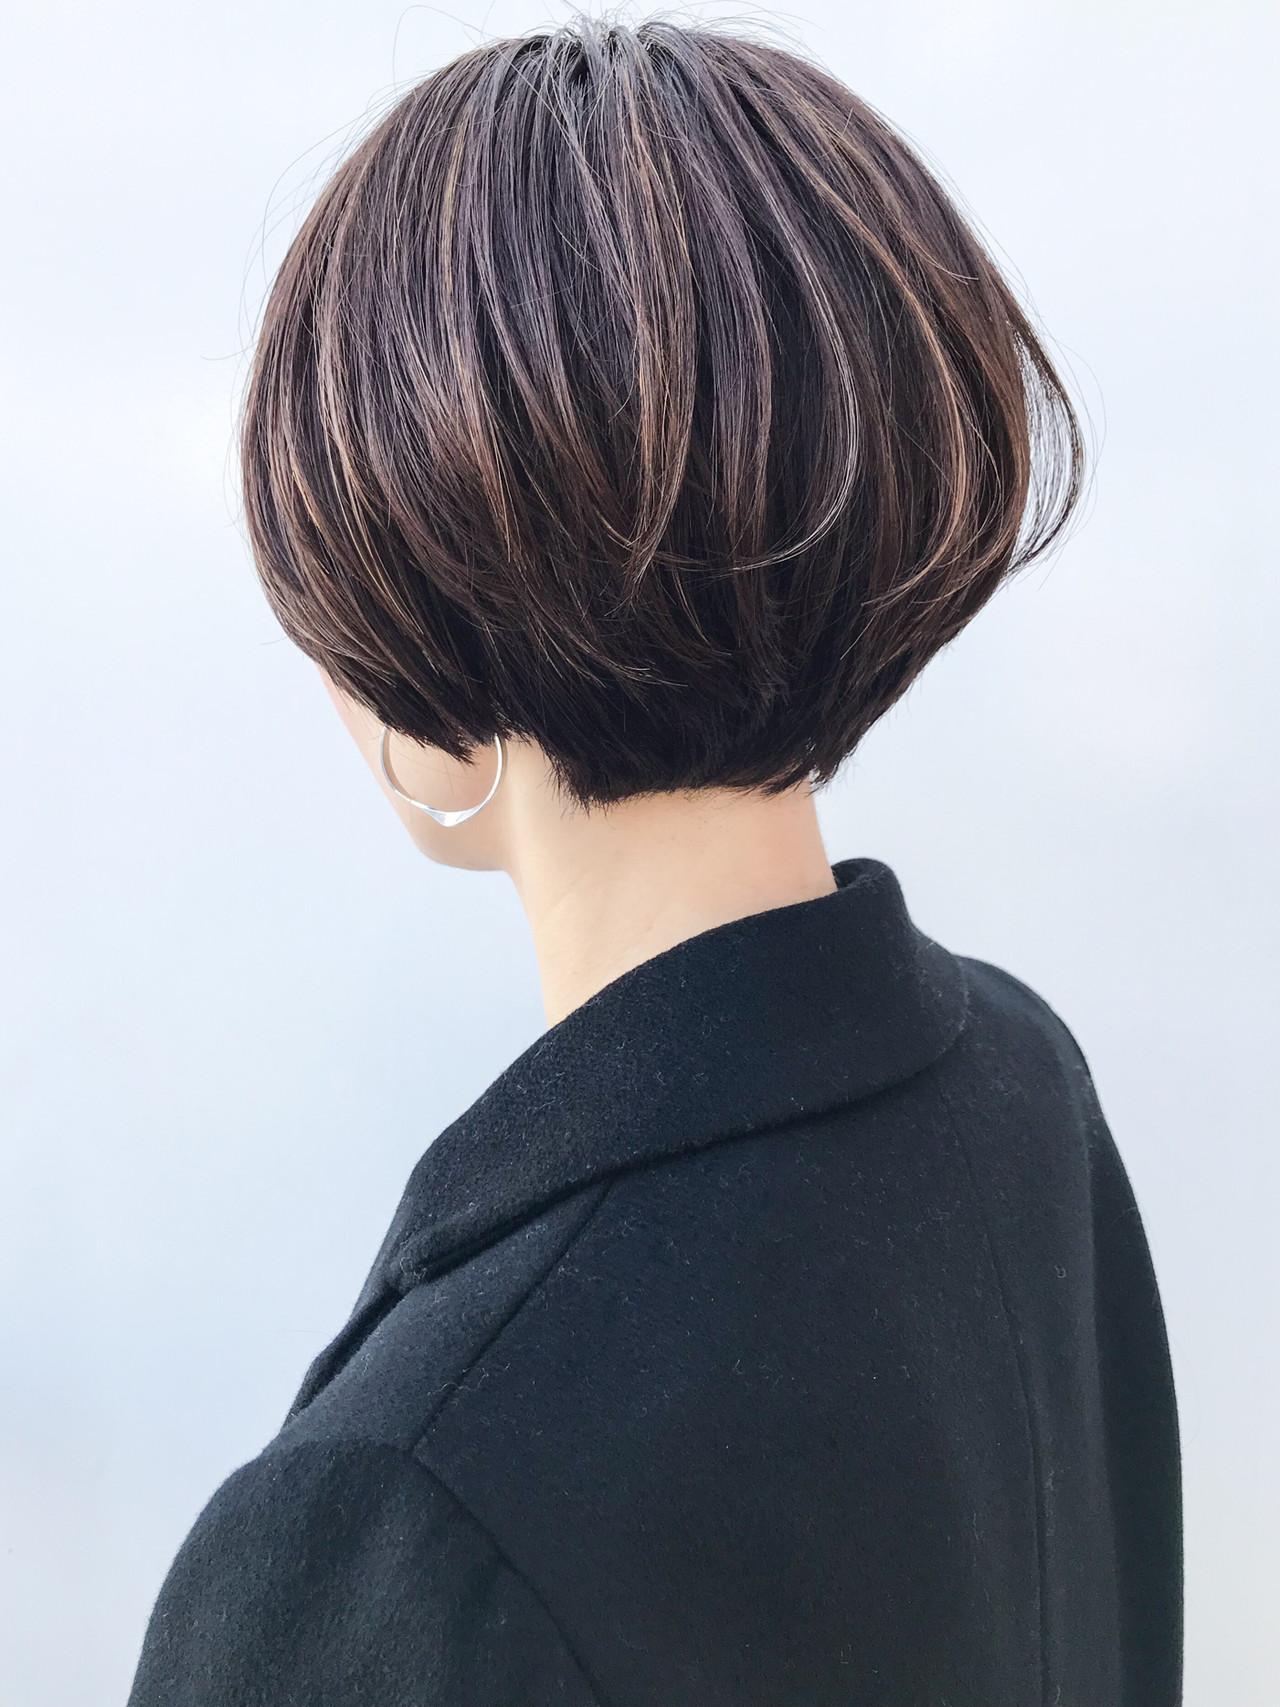 女子力 ハイライト ショート コンサバヘアスタイルや髪型の写真・画像